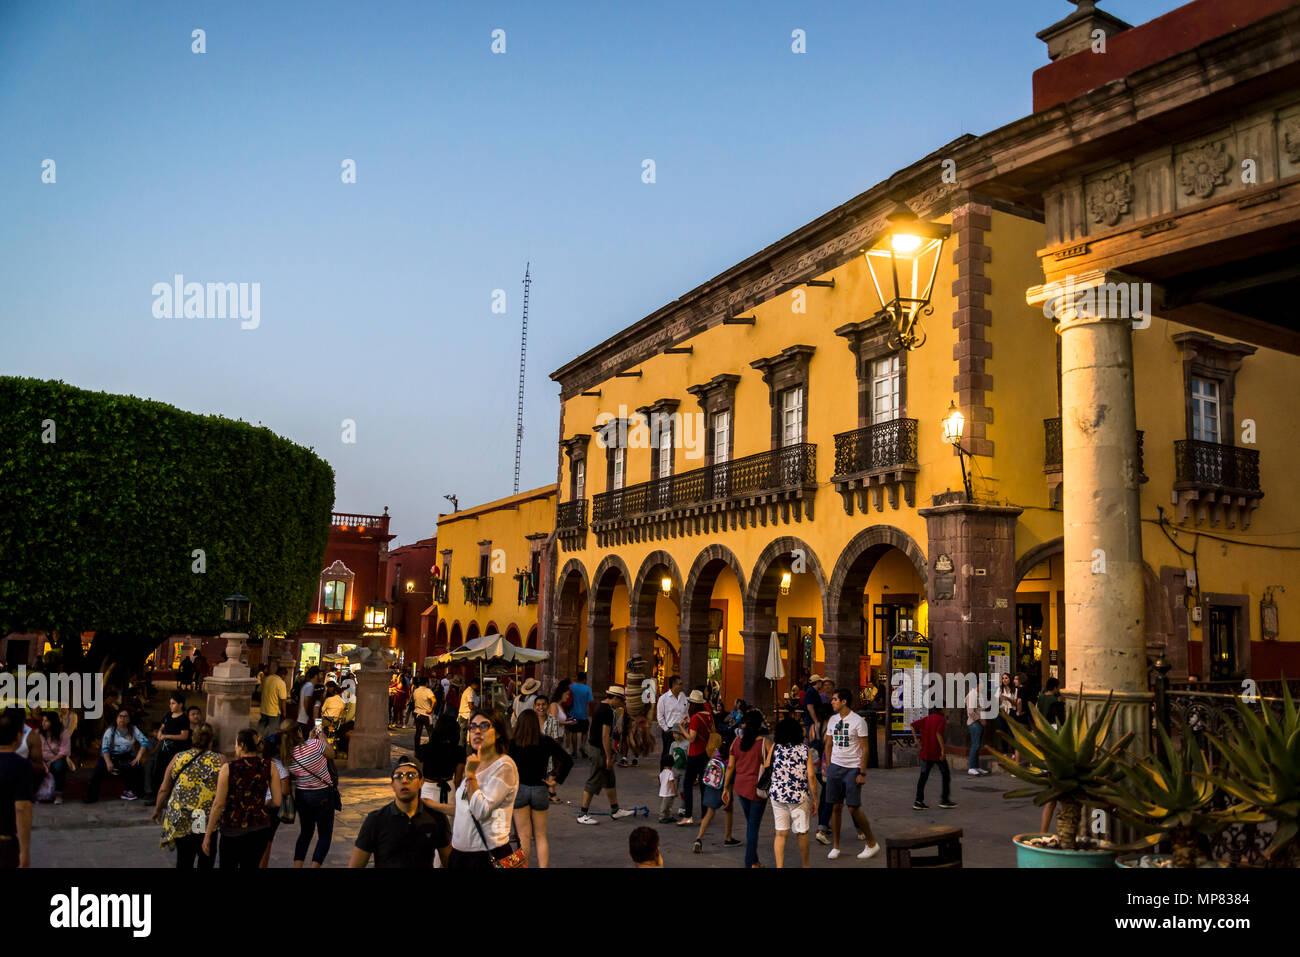 El Jardin, the Main plaza with lots of people at dusk, San Miguel de Allende, a colonial-era city,  Bajío region, Central Mexico - Stock Image